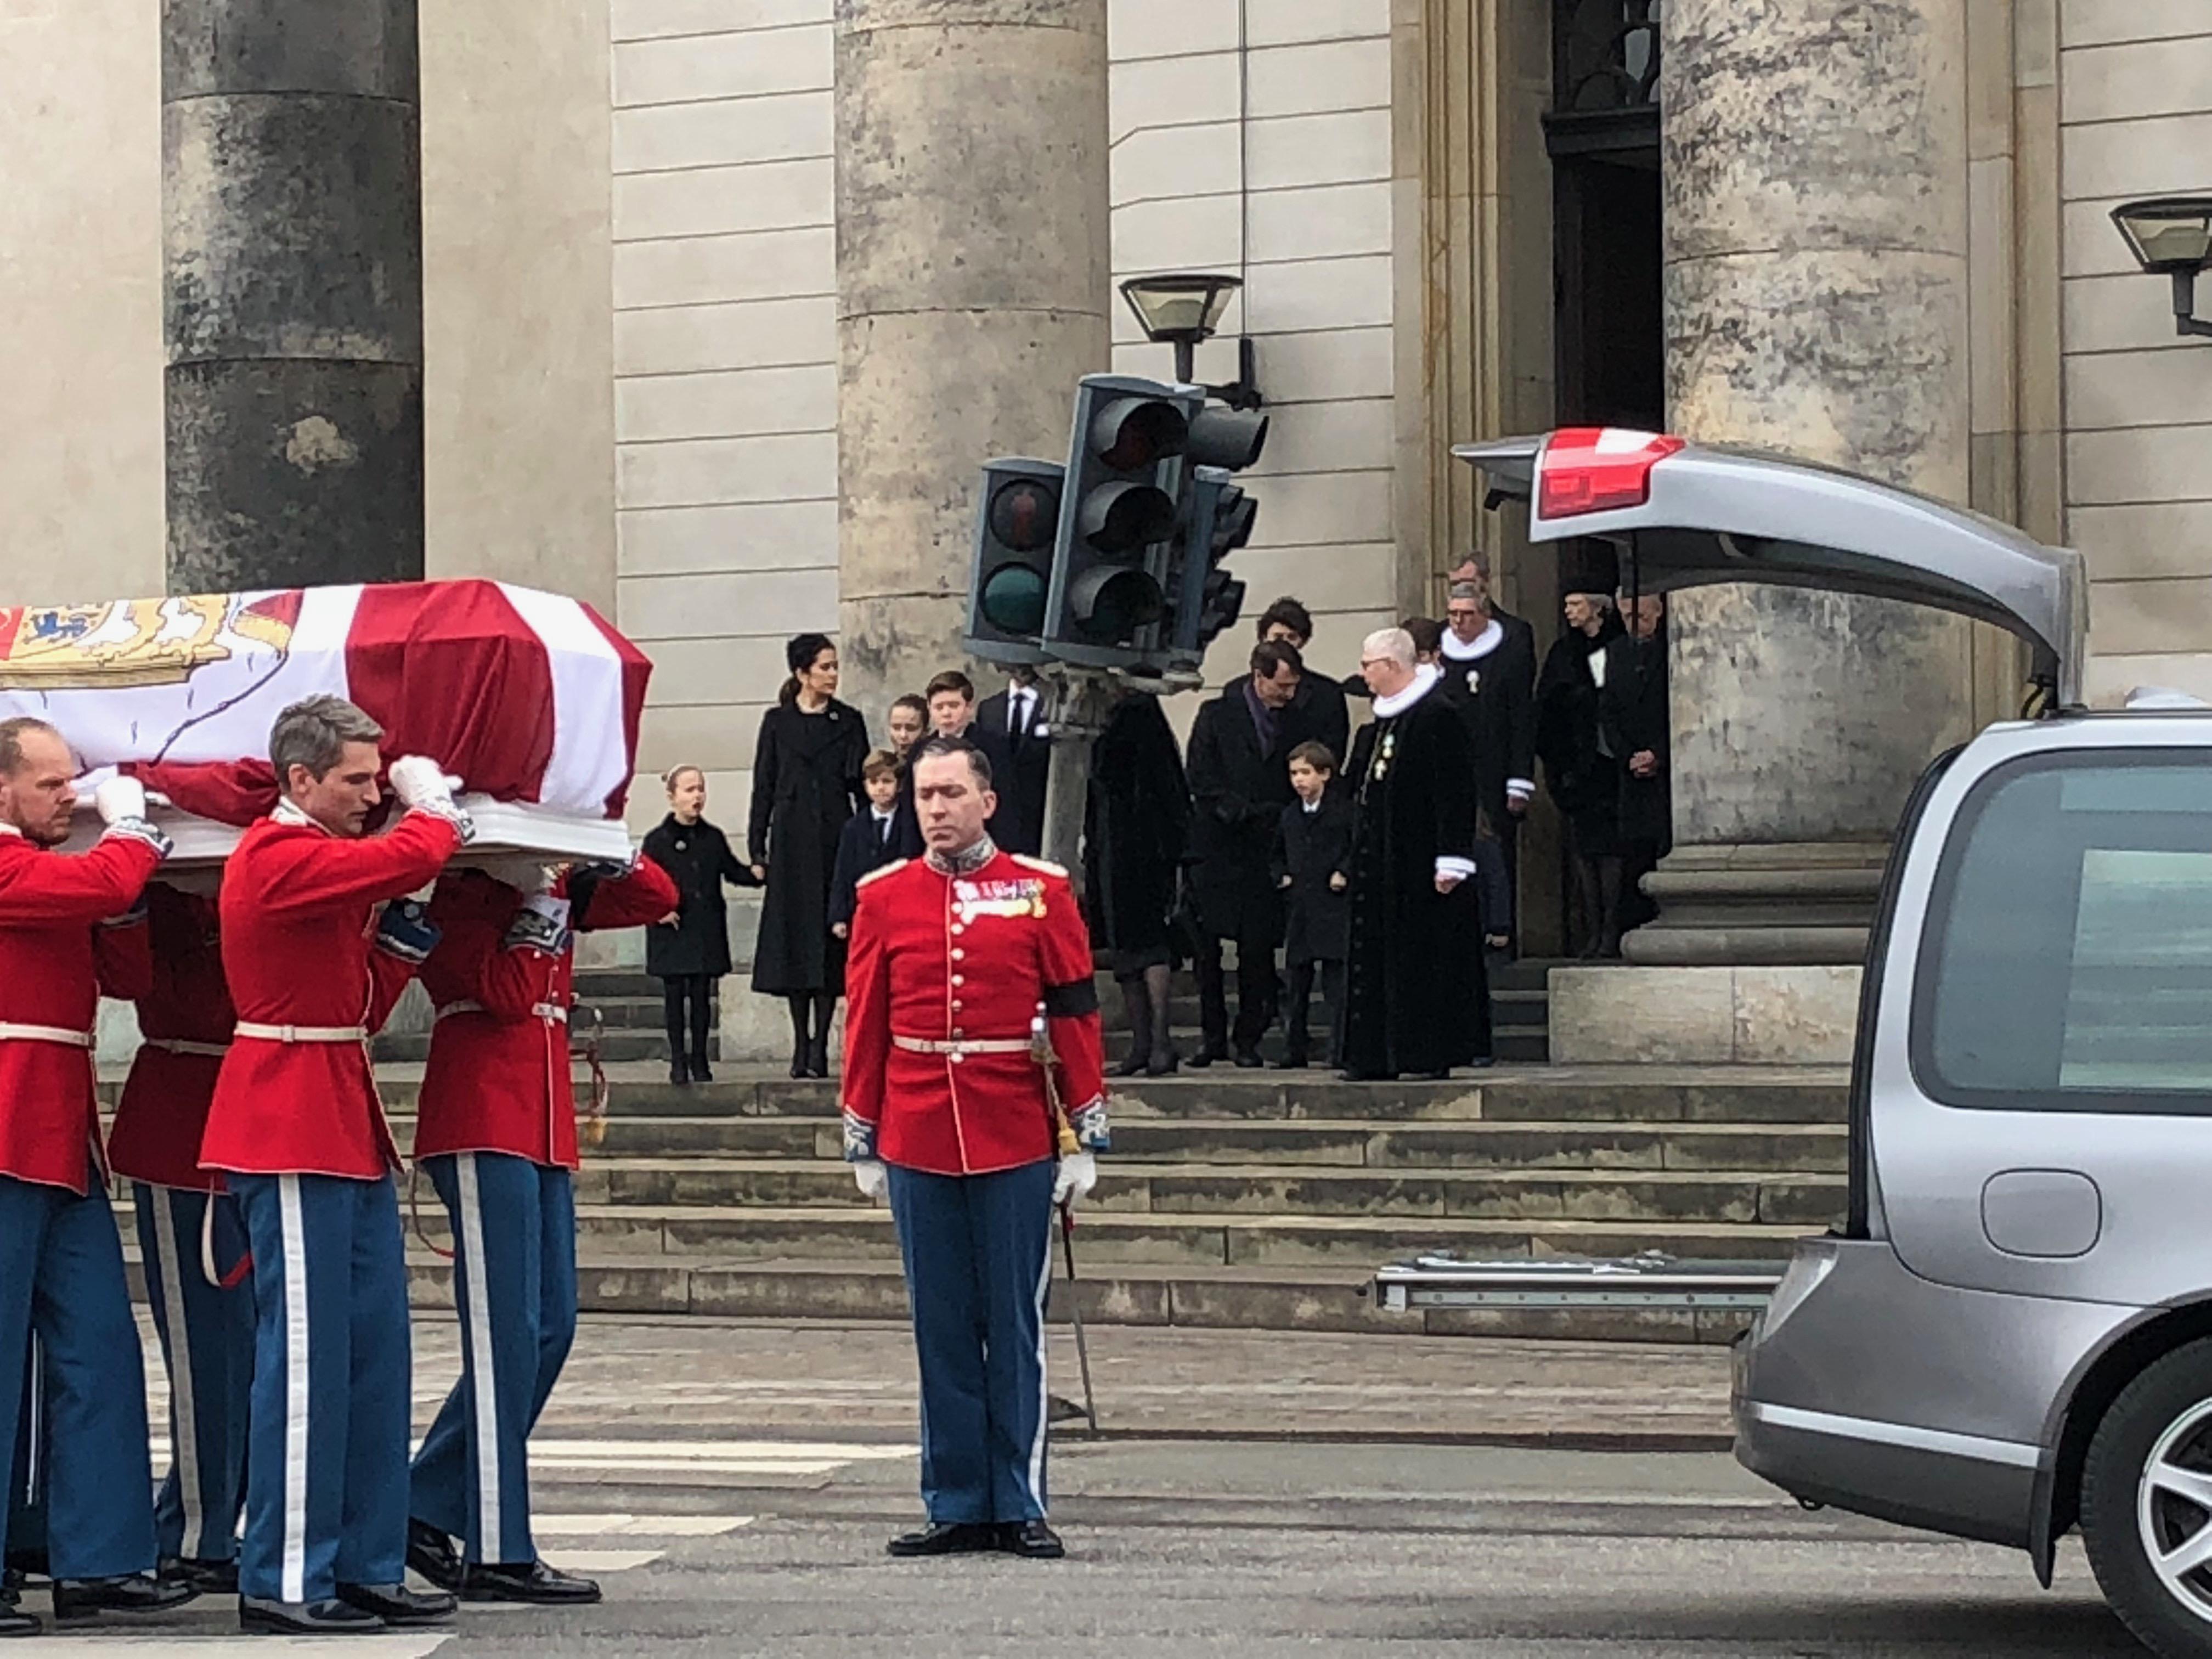 Cph News | Prince Henrik of Denmark: Standing against royal